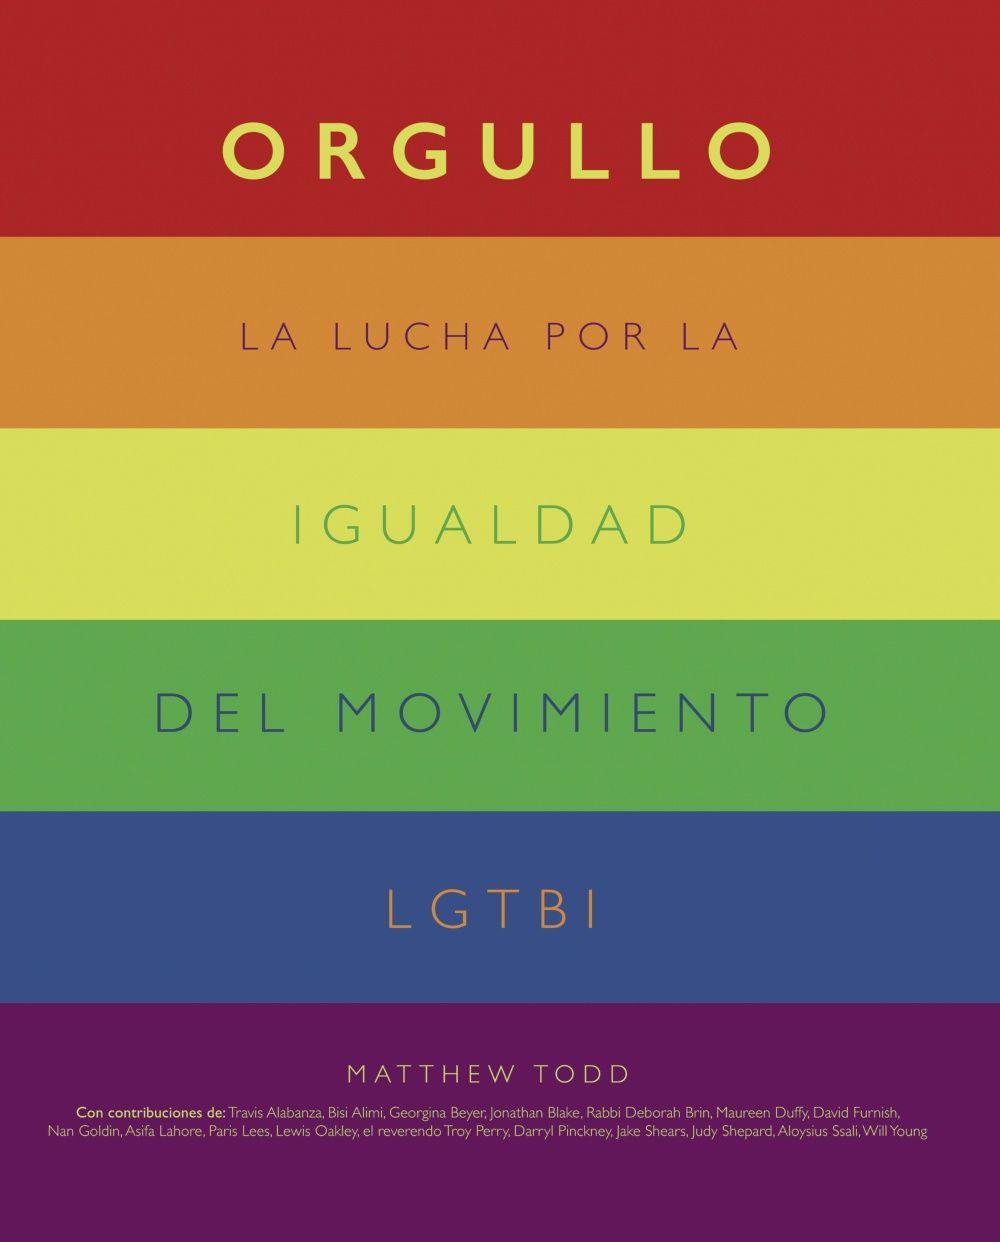 PRIDE - ORGULLO